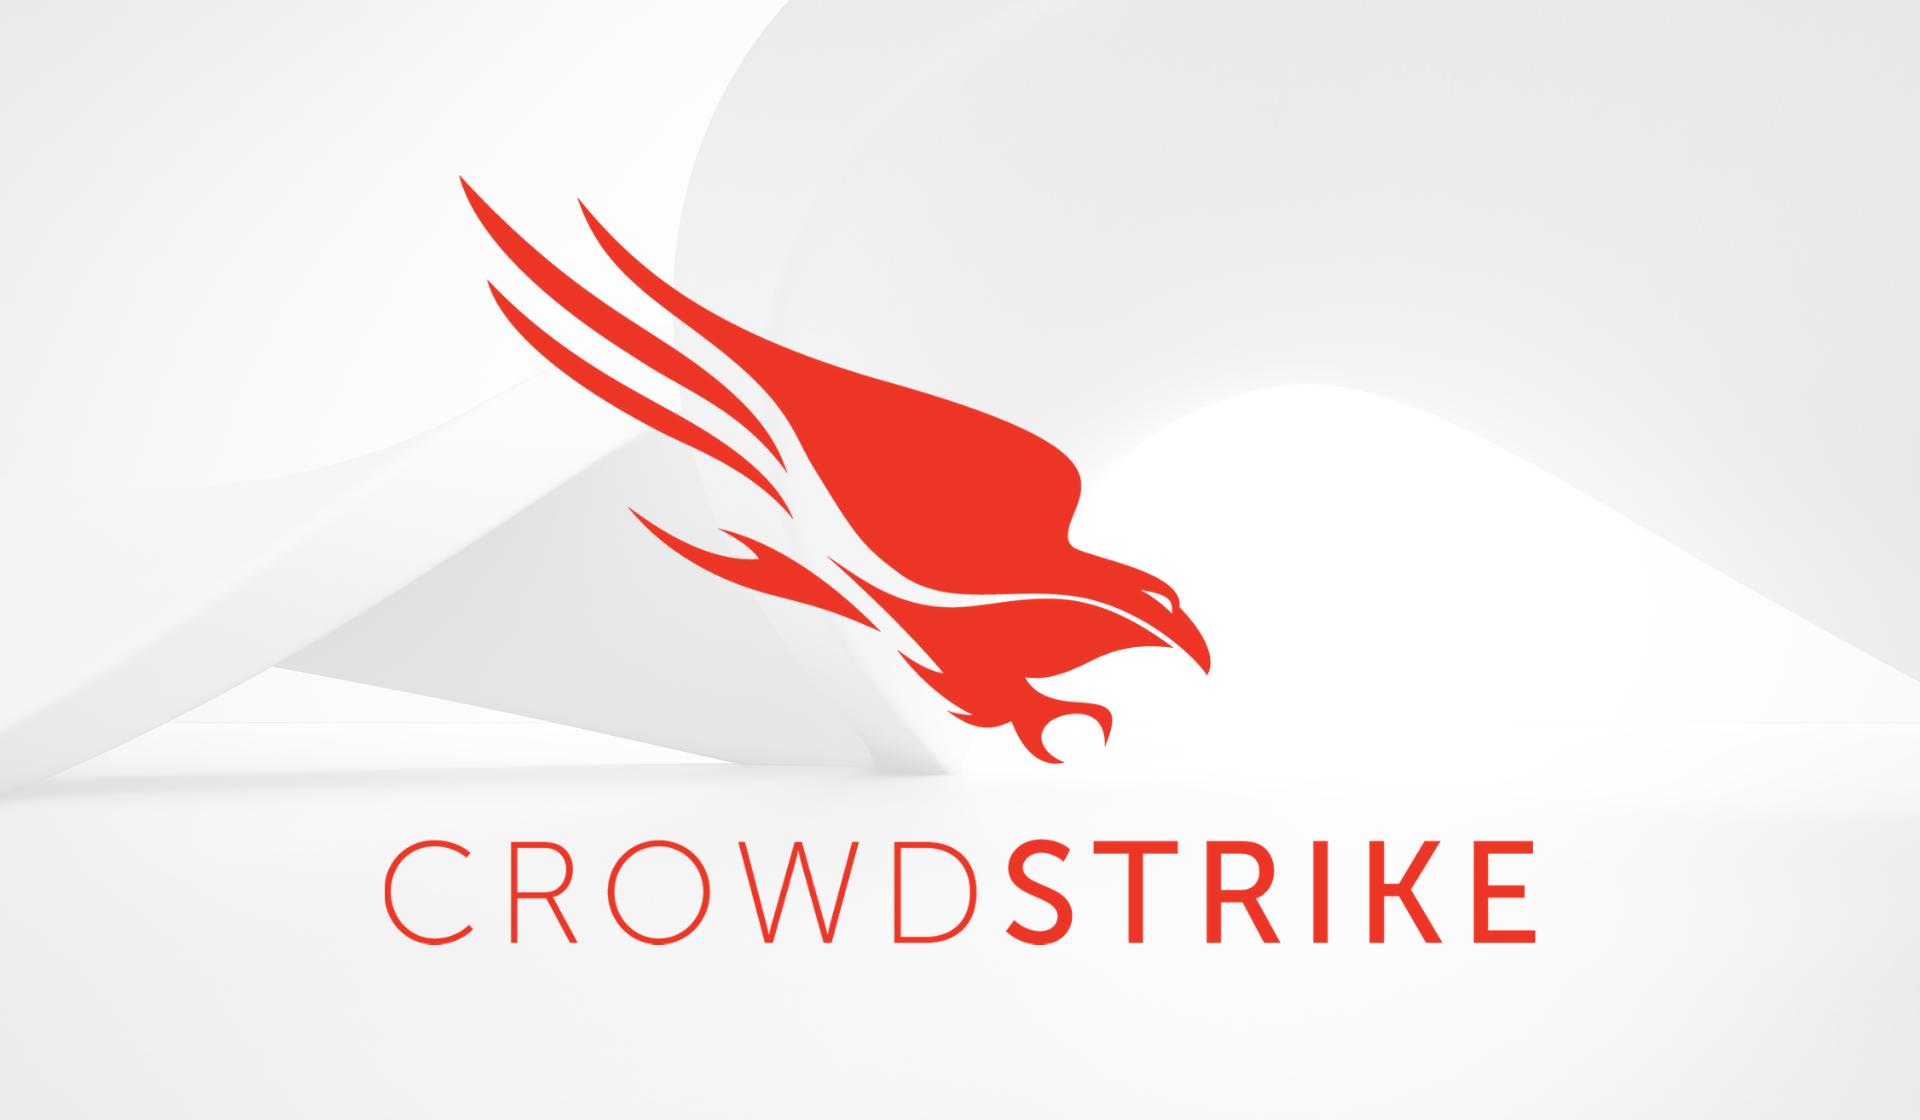 После неудачной попытки взлома CrowdStrike выпустила бесплатный ИБ-инструмент